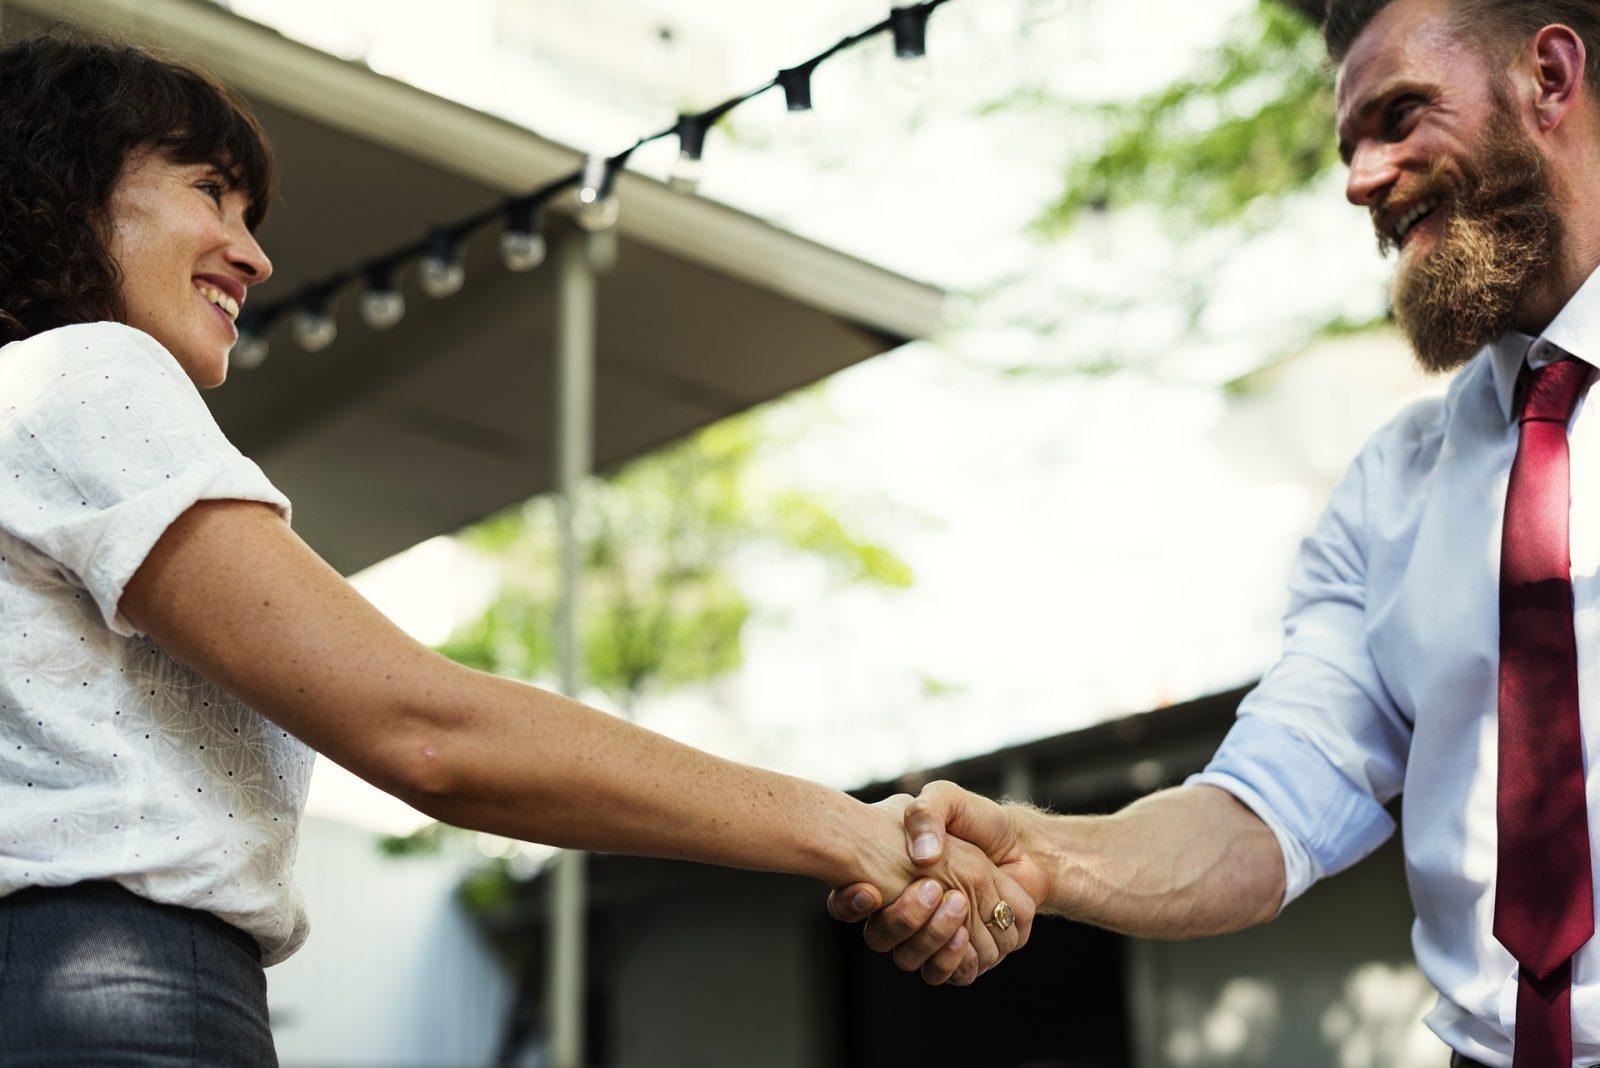 Persönliche Neukundengewinnung: 6 Schritte, die du kennen musst